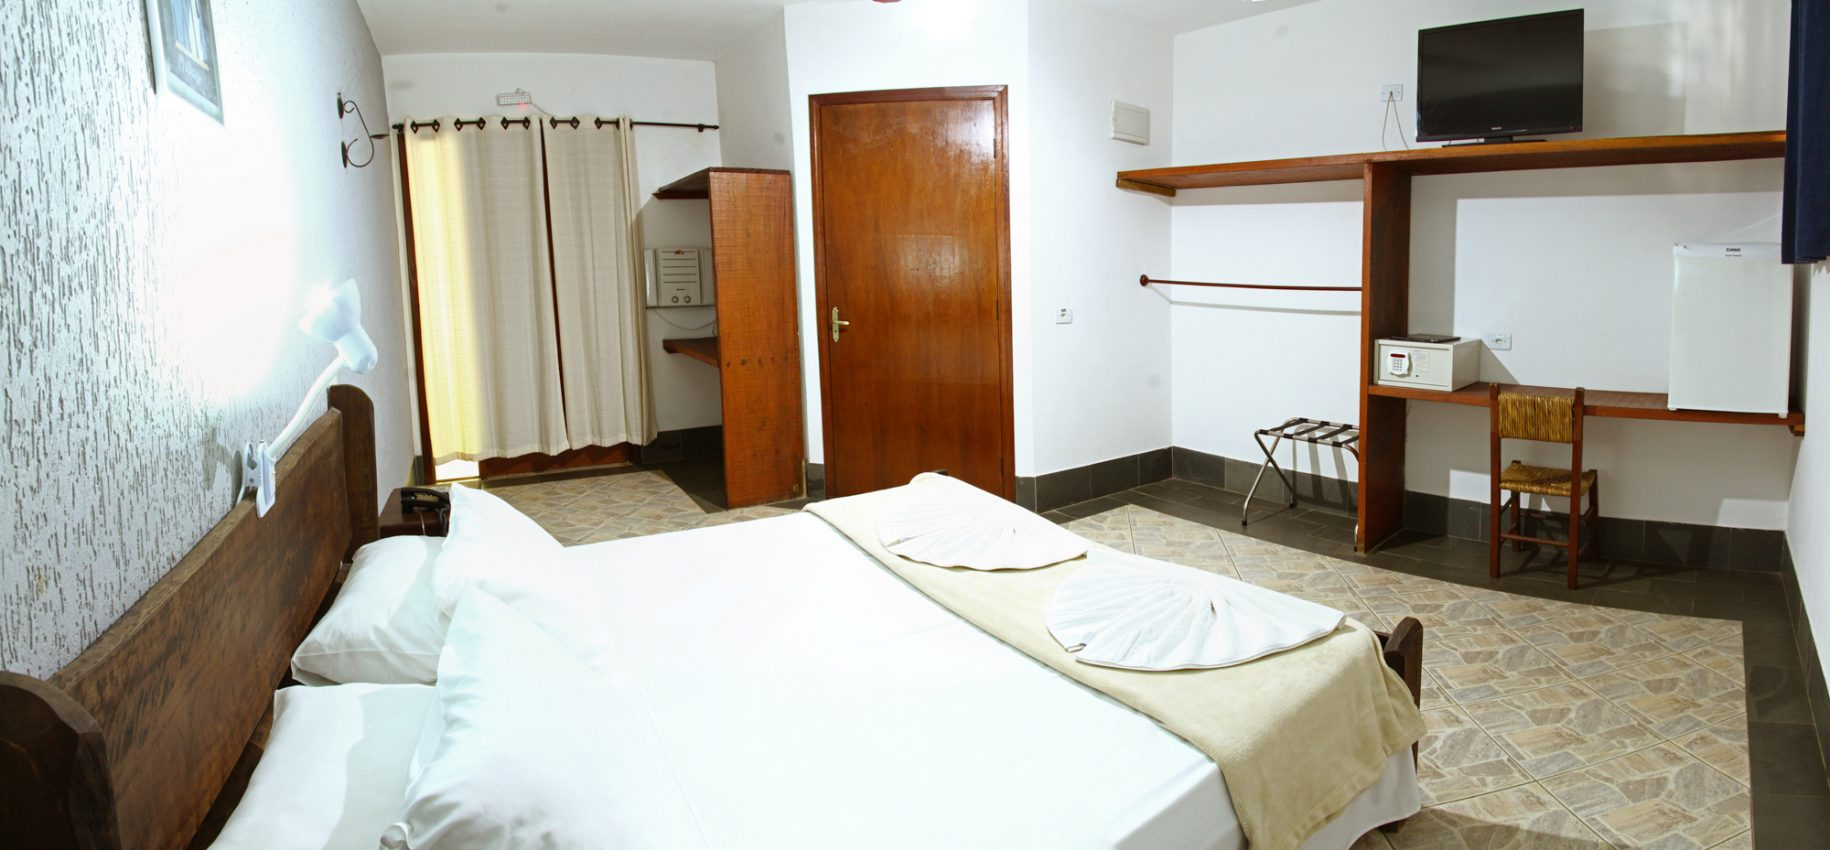 Quarto do hotel fazenda parque dos sonhos com cama de casal, cofre, frigobar, tv de led, ar condicionado quente e frio